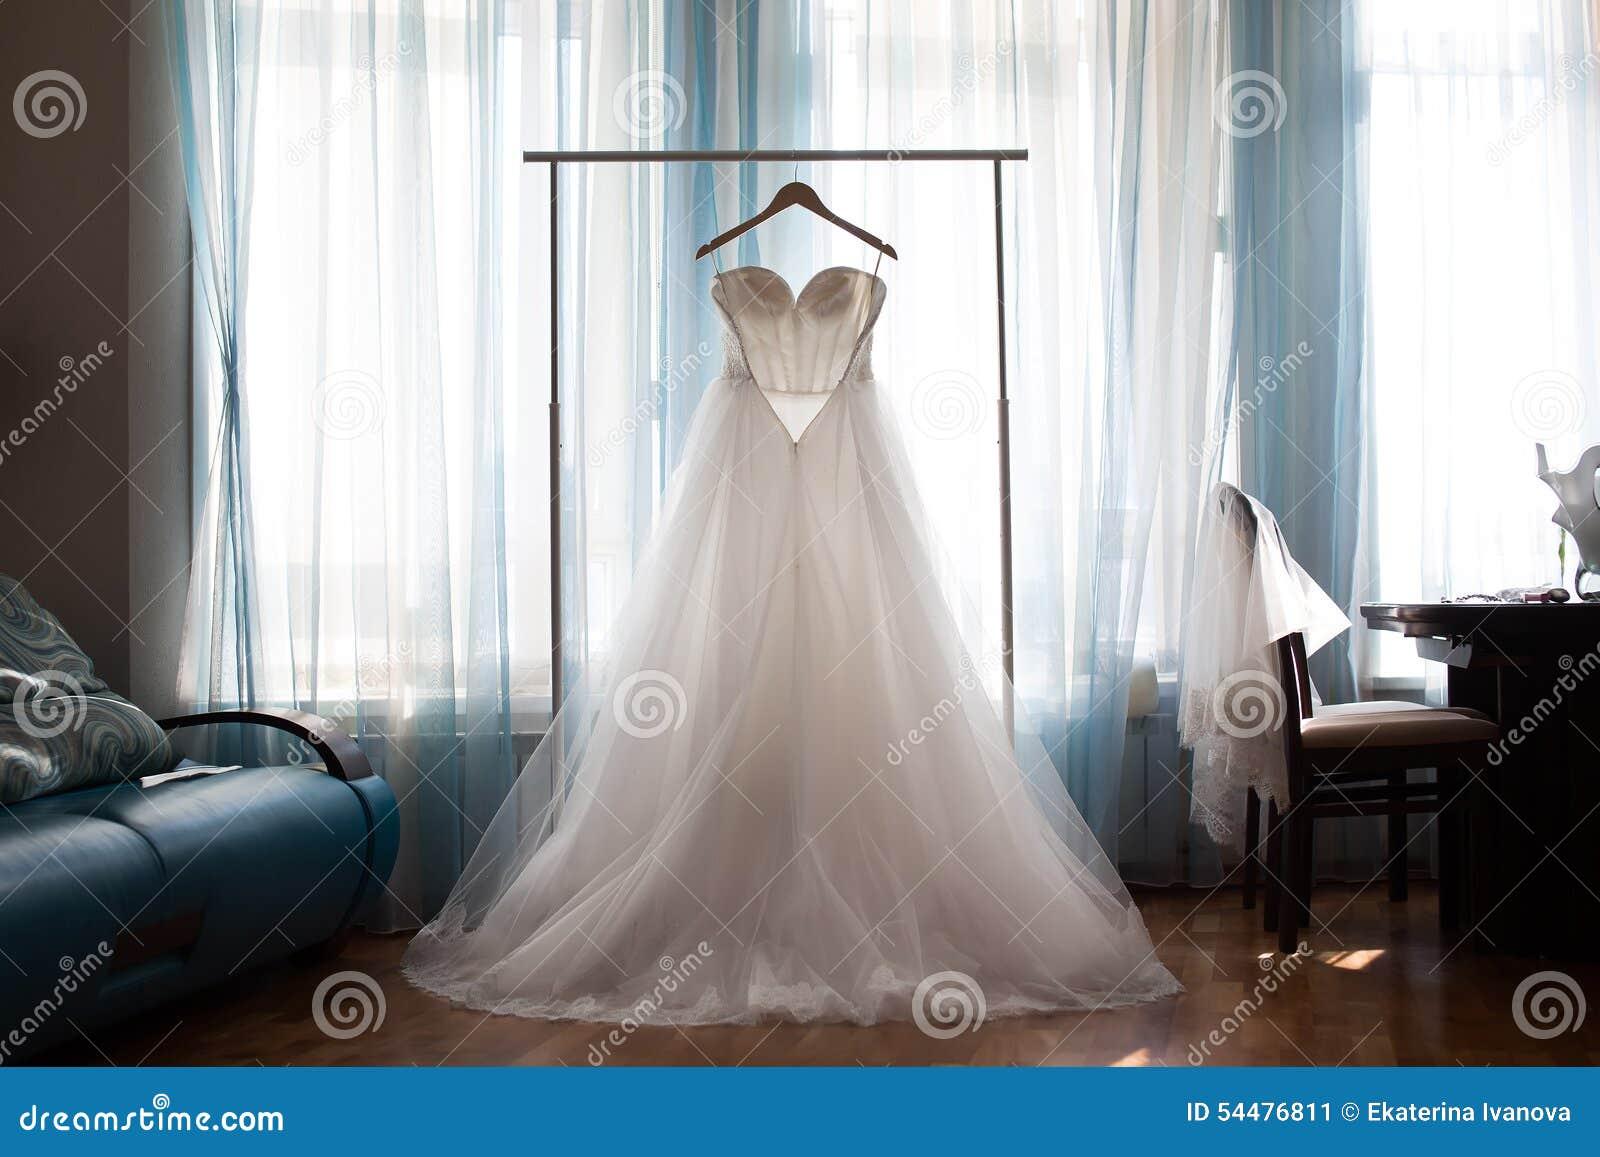 Niedlich Aufhänger Für Hochzeitskleid Bilder - Hochzeit Kleid Stile ...